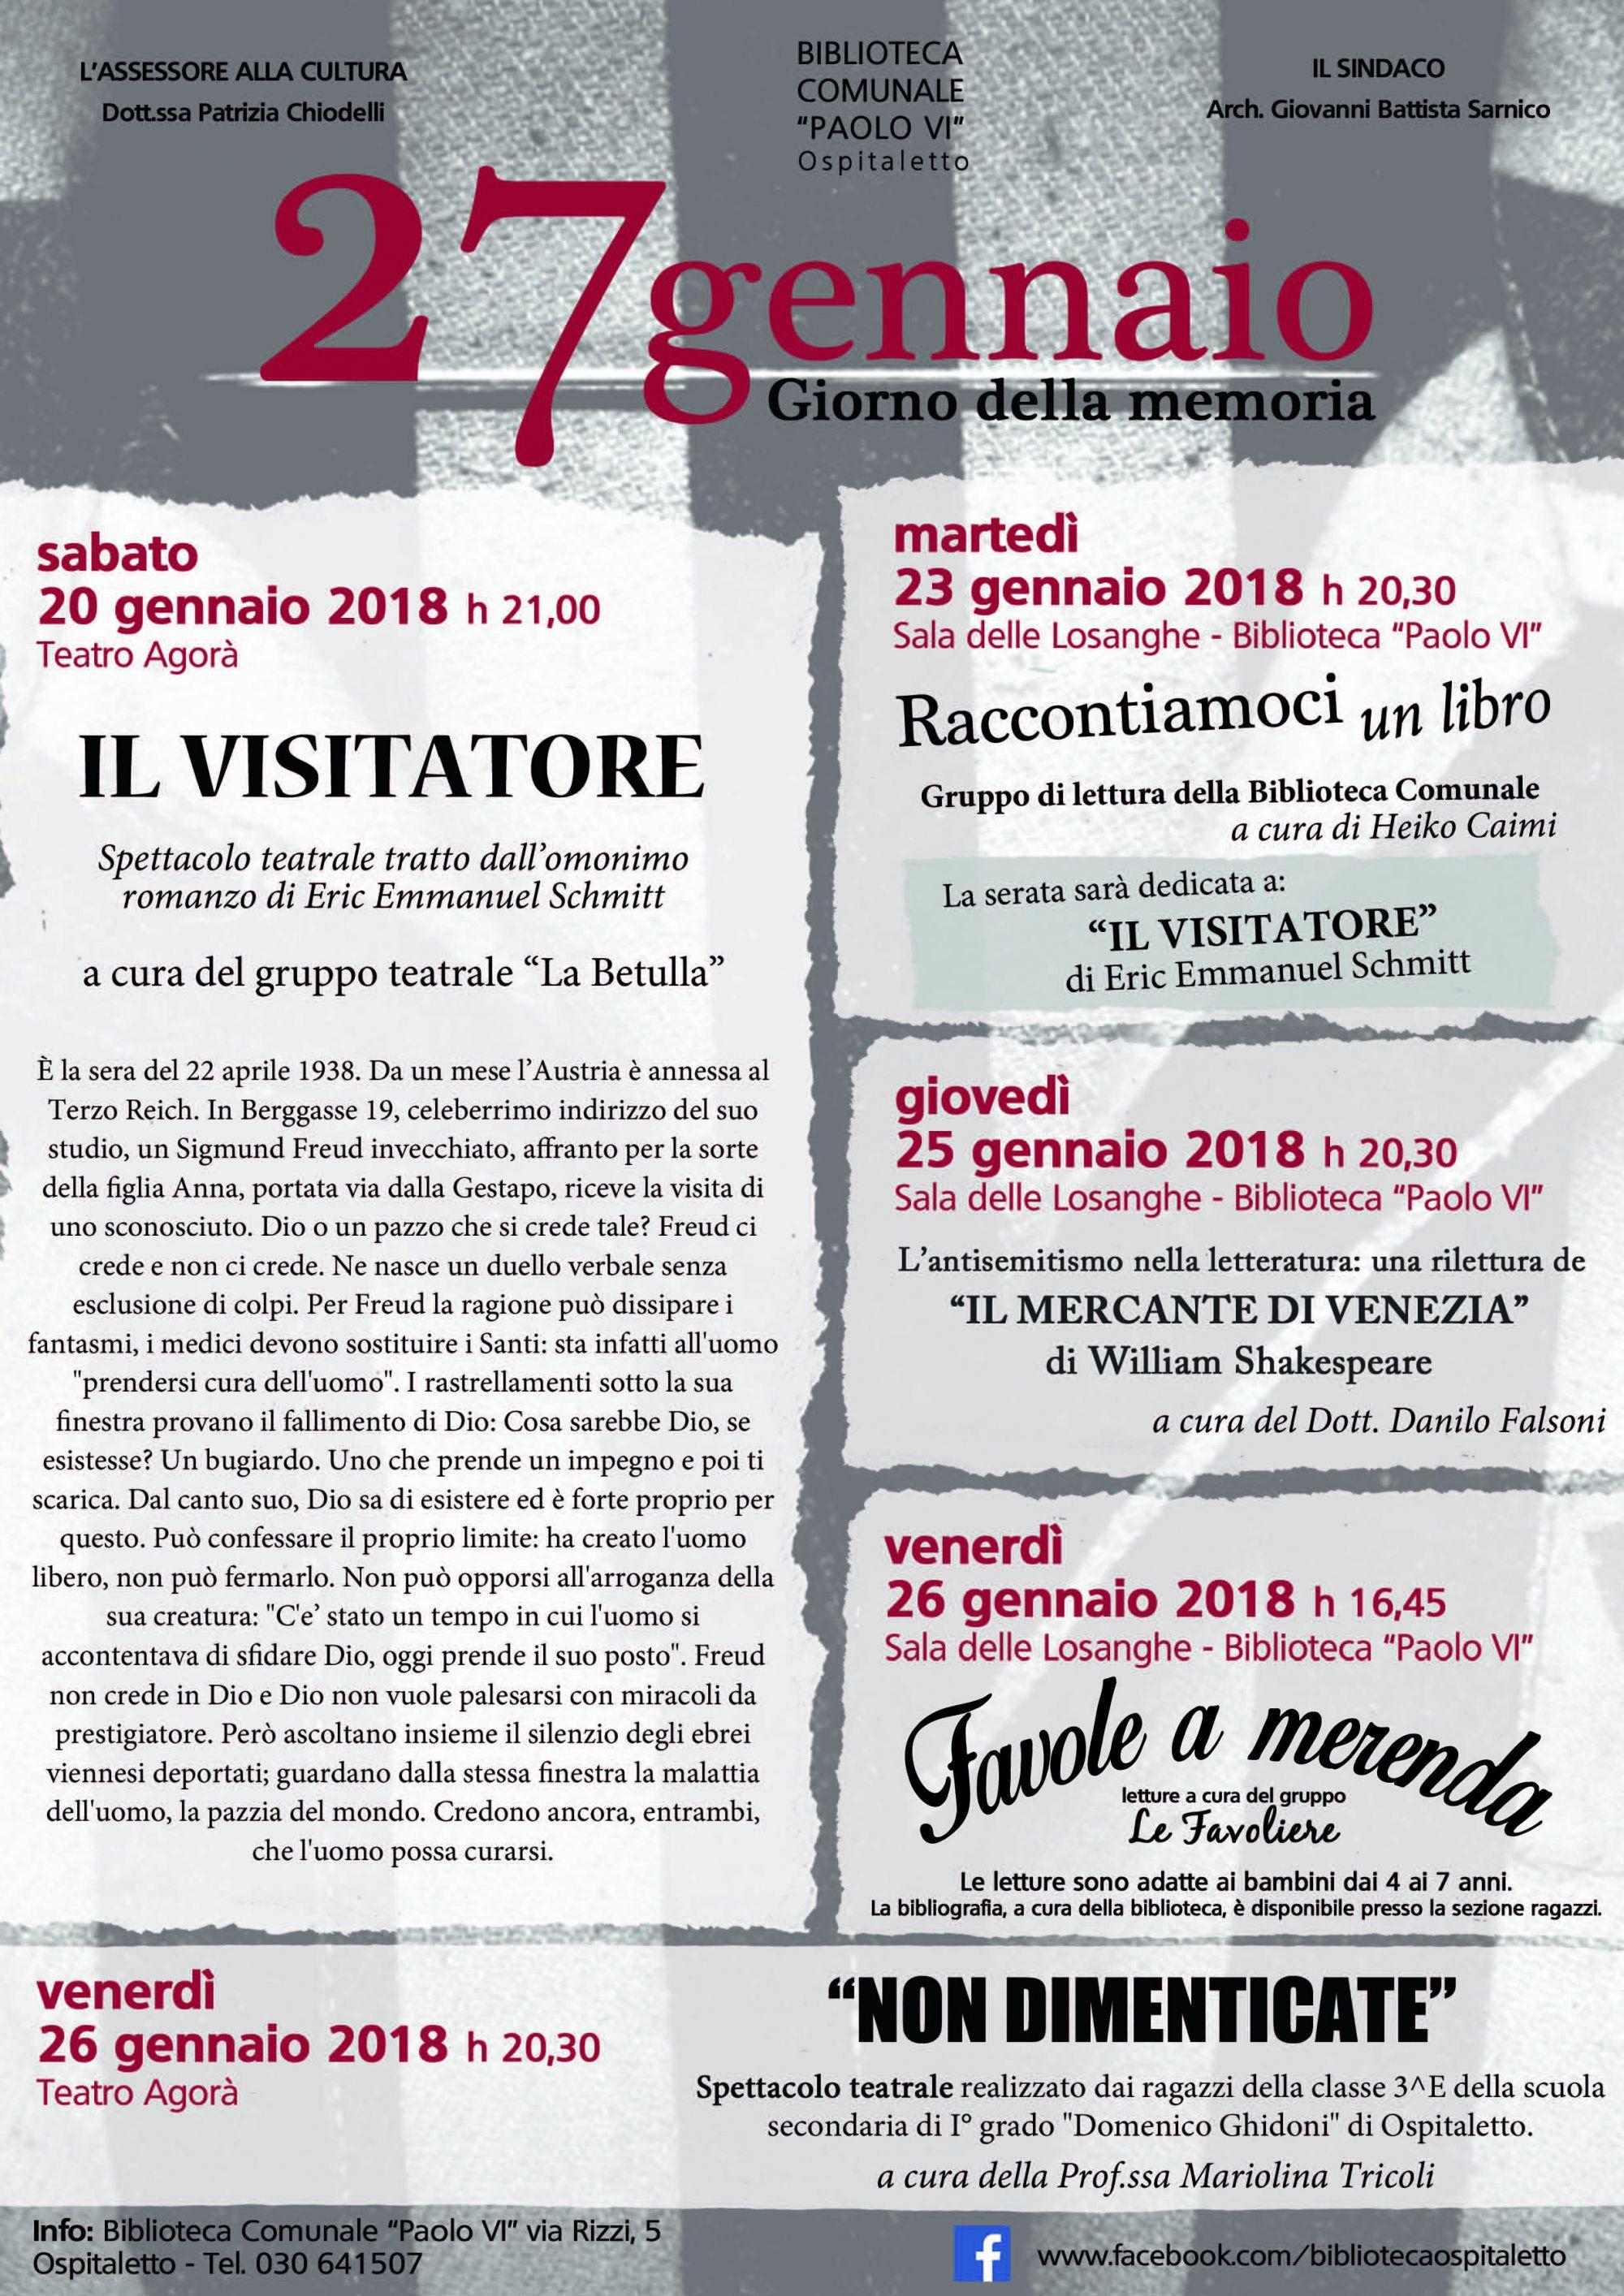 2018 01 19 - 02 05 Ospitaletto - giorno memoria 2018